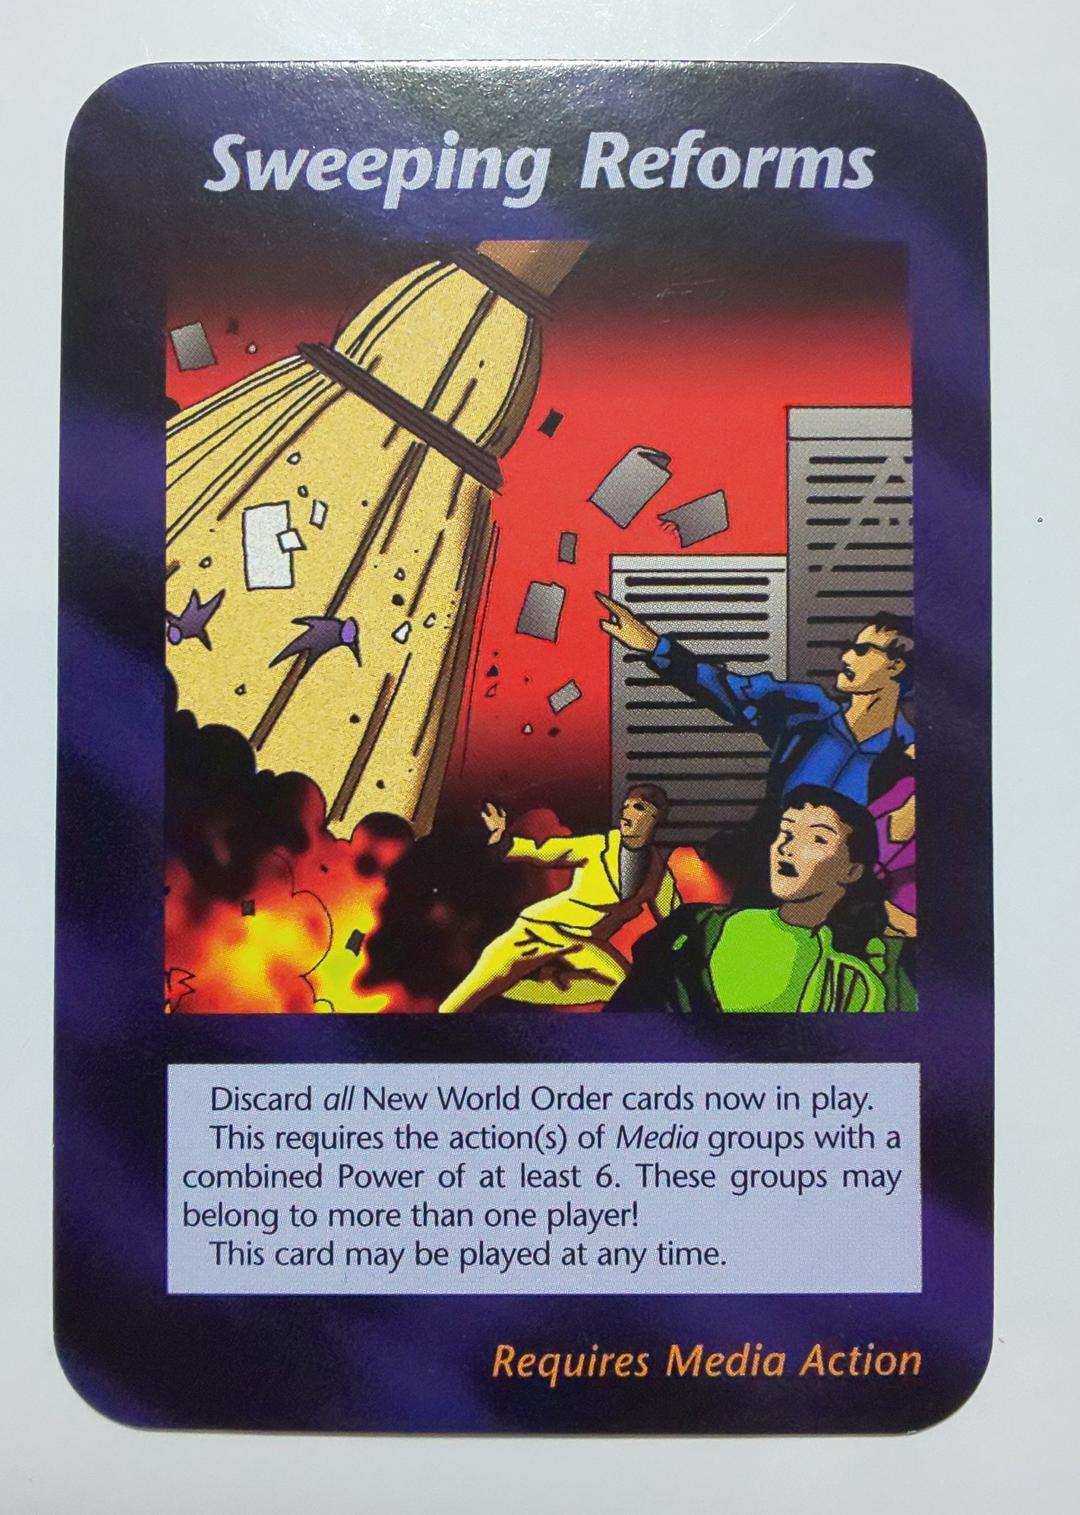 と は カード イルミナティ 日本が終わるって本当?イルミナティカードによる未来の予言とその目的